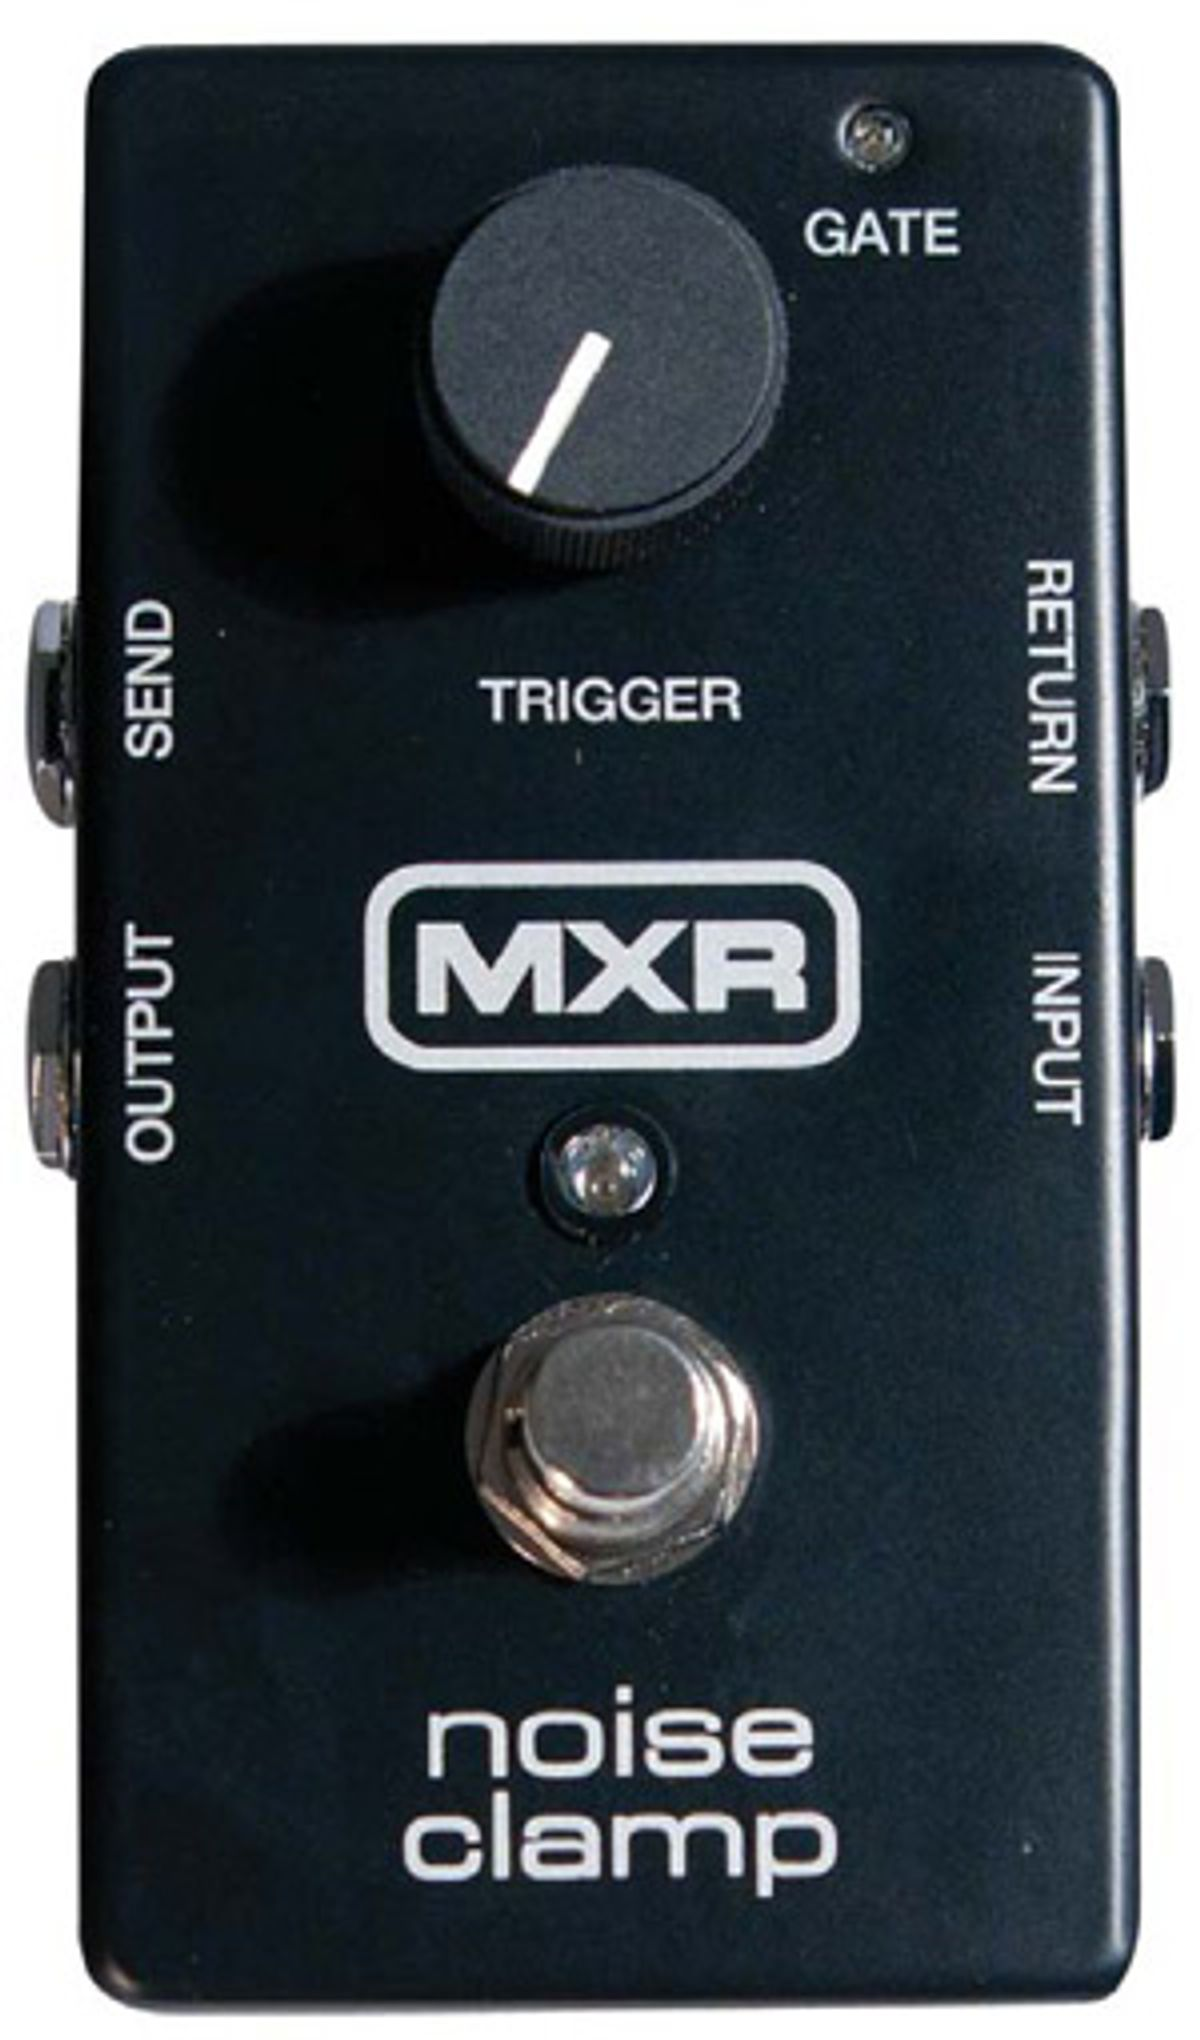 MXR Noise Clamp Pedal Review